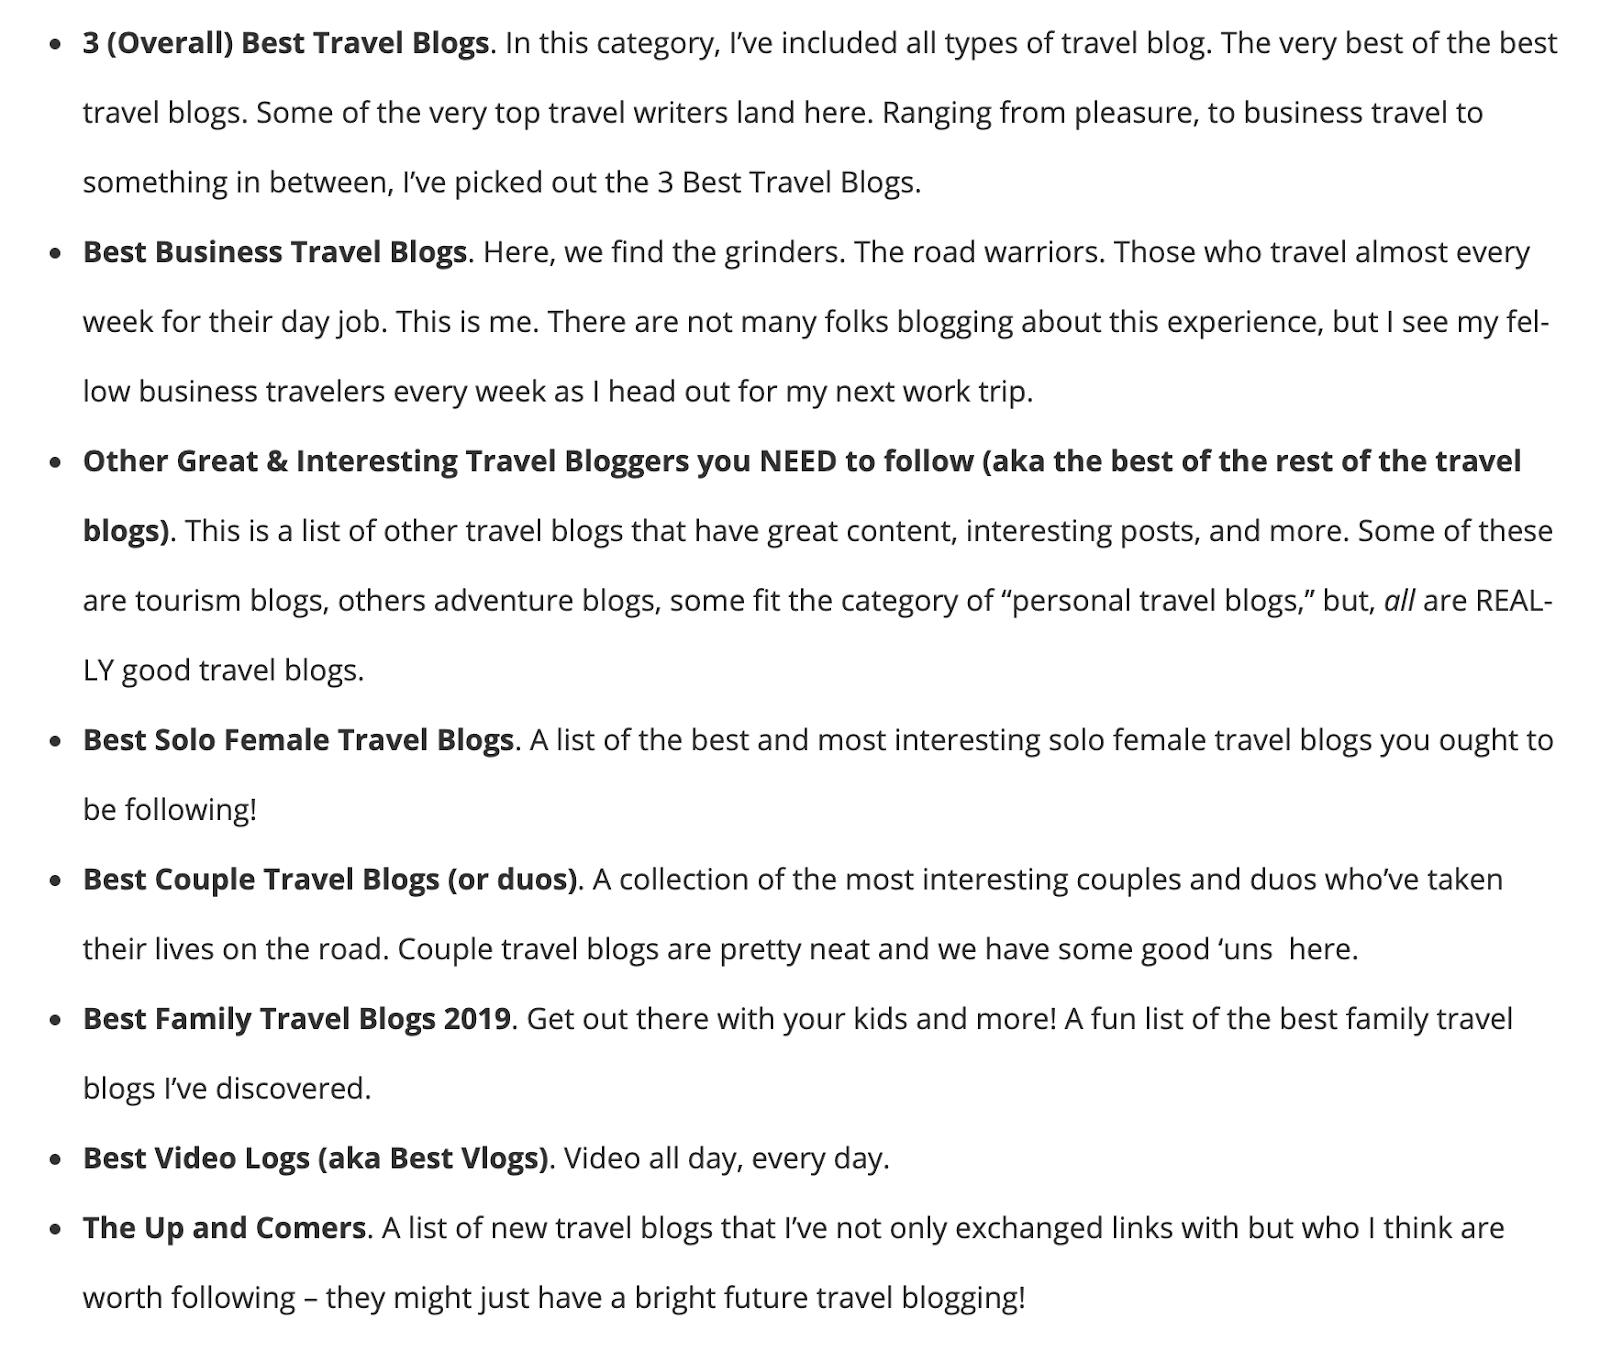 travel blogs list structure